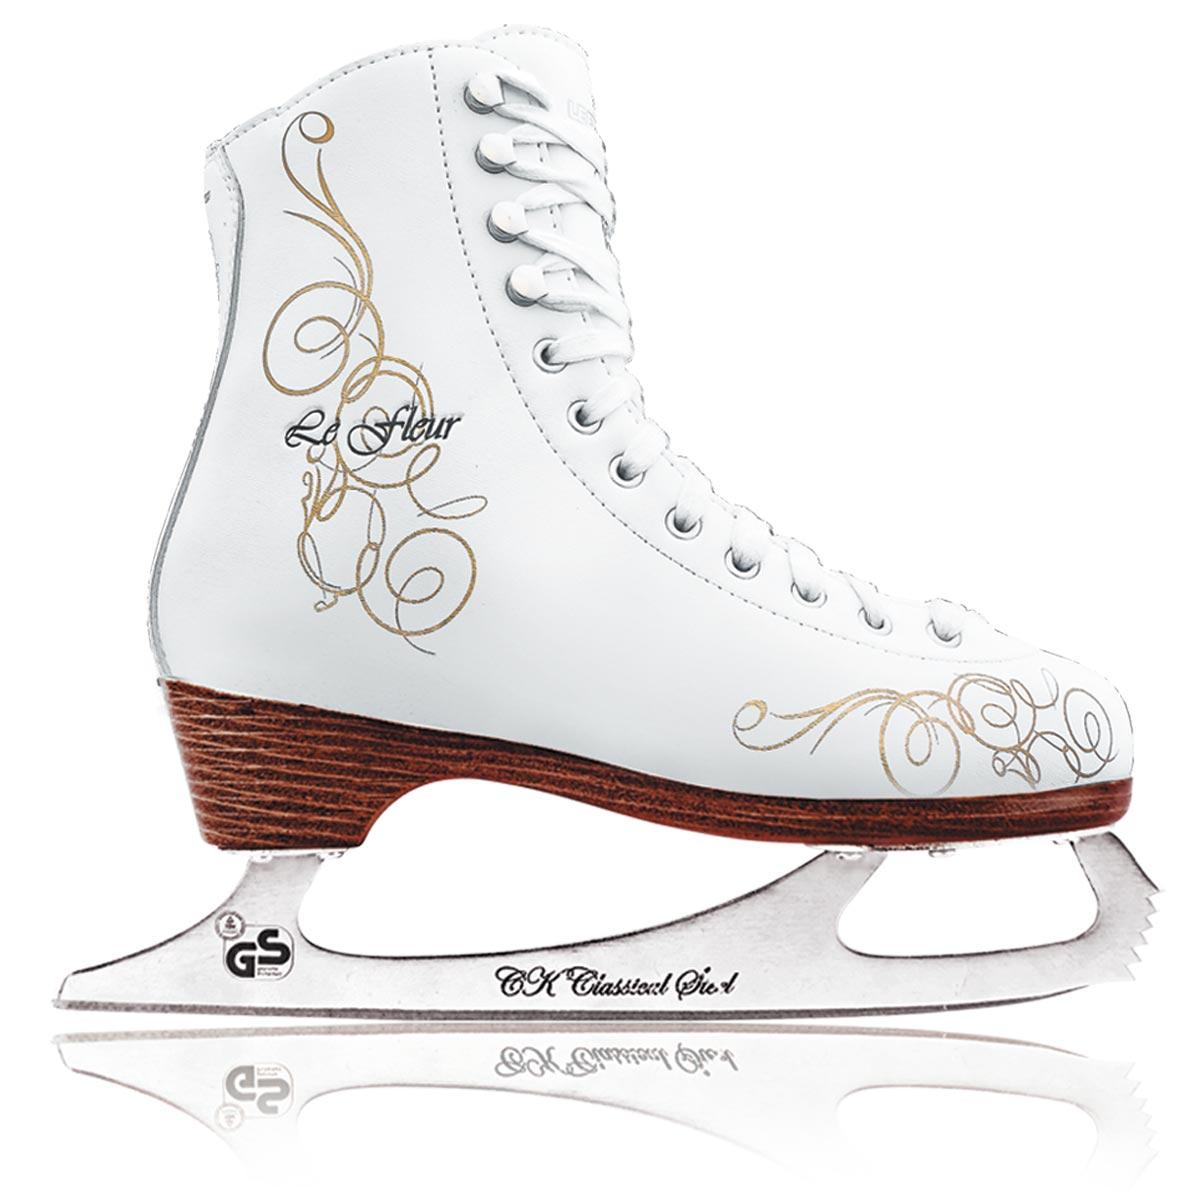 Коньки фигурные женские СК Le Fleur Leather 50/50, цвет: белый, золотой. Размер 37 коньки фигурные для девочки ck ladies velvet classic цвет белый голубой серебряный размер 27